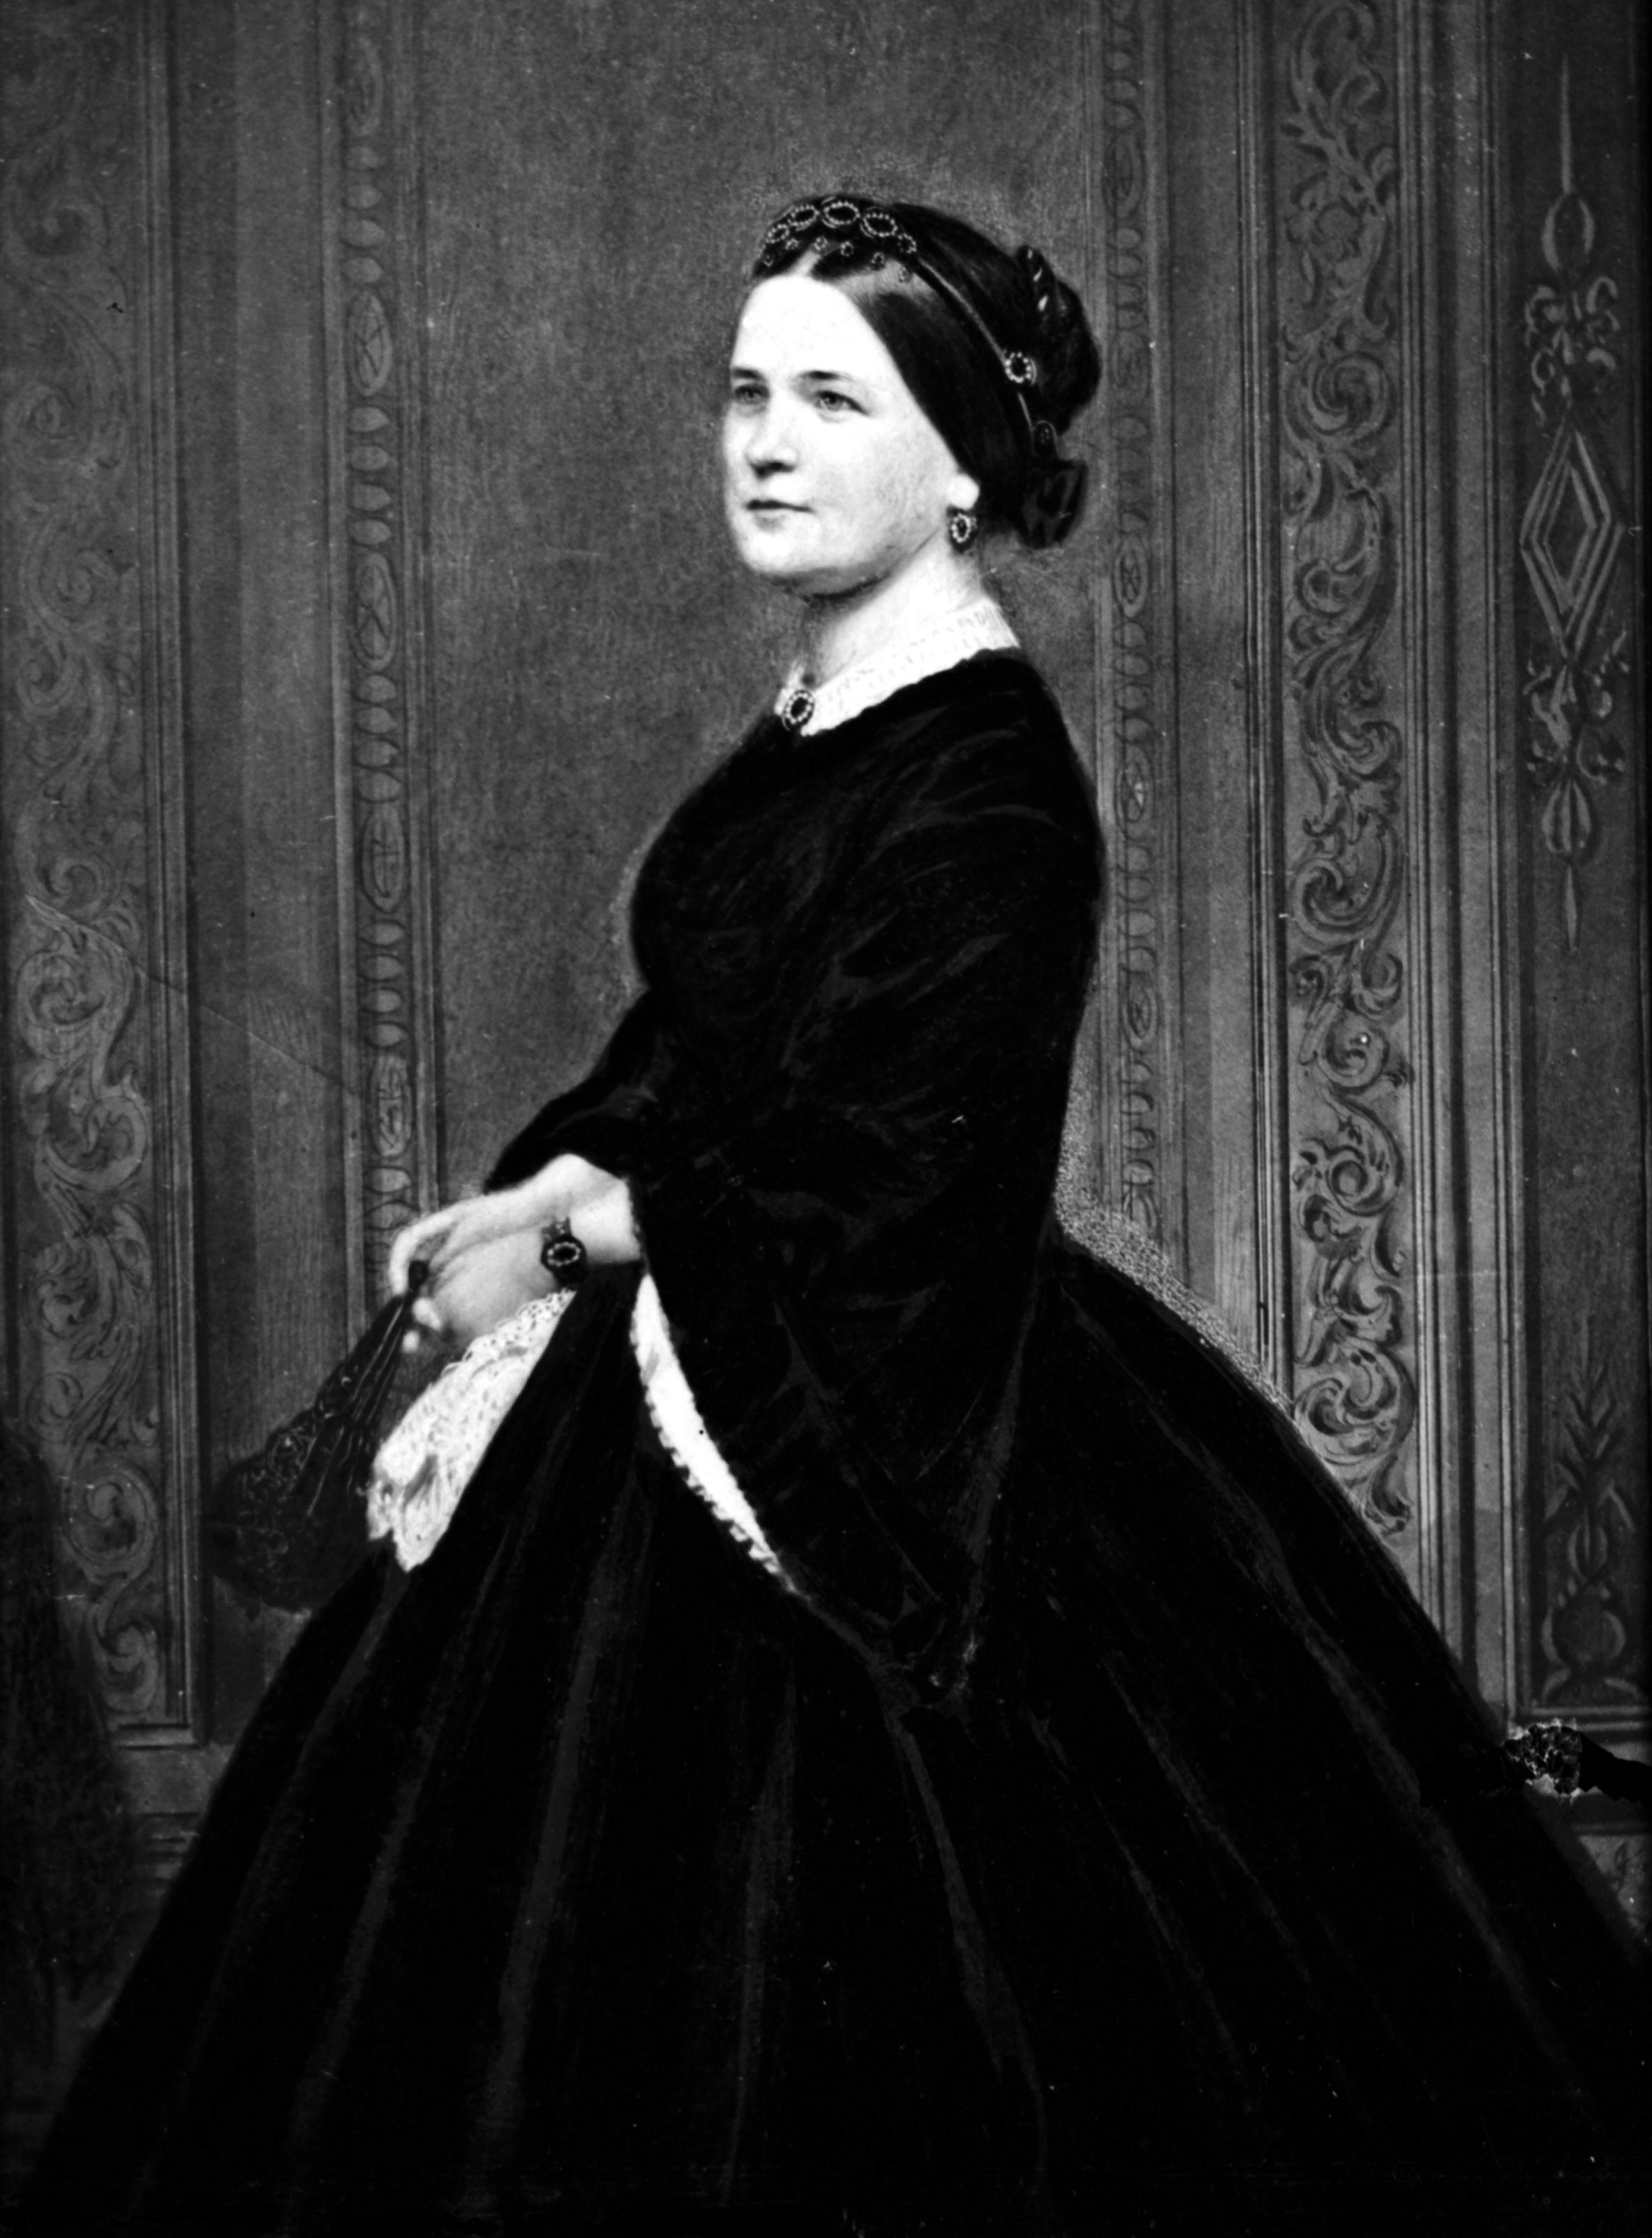 Mary_Todd_Lincoln_colloidon_1860-65